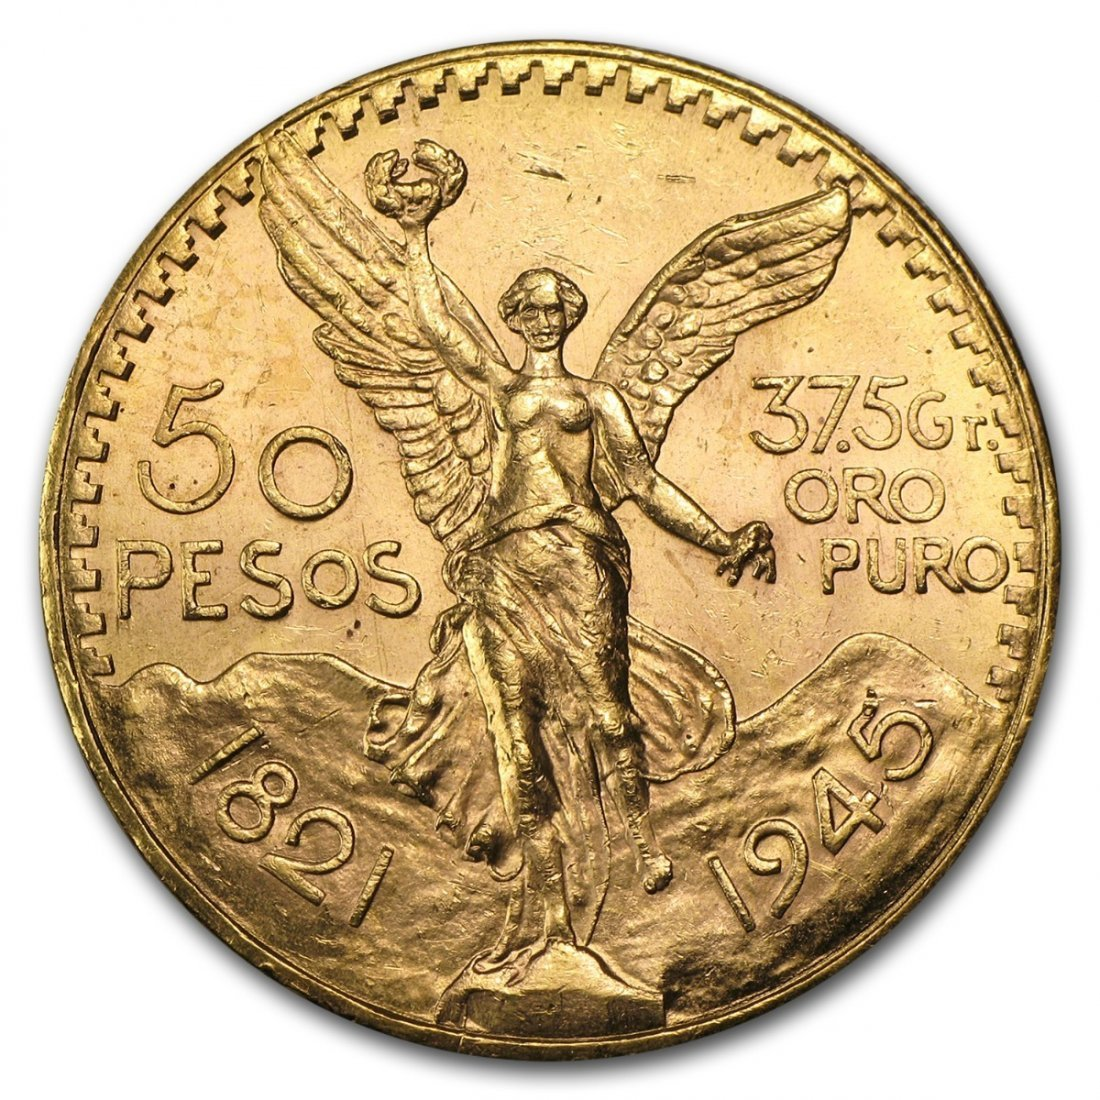 Mexican 50 Pesos Gold Coin - AU or BU